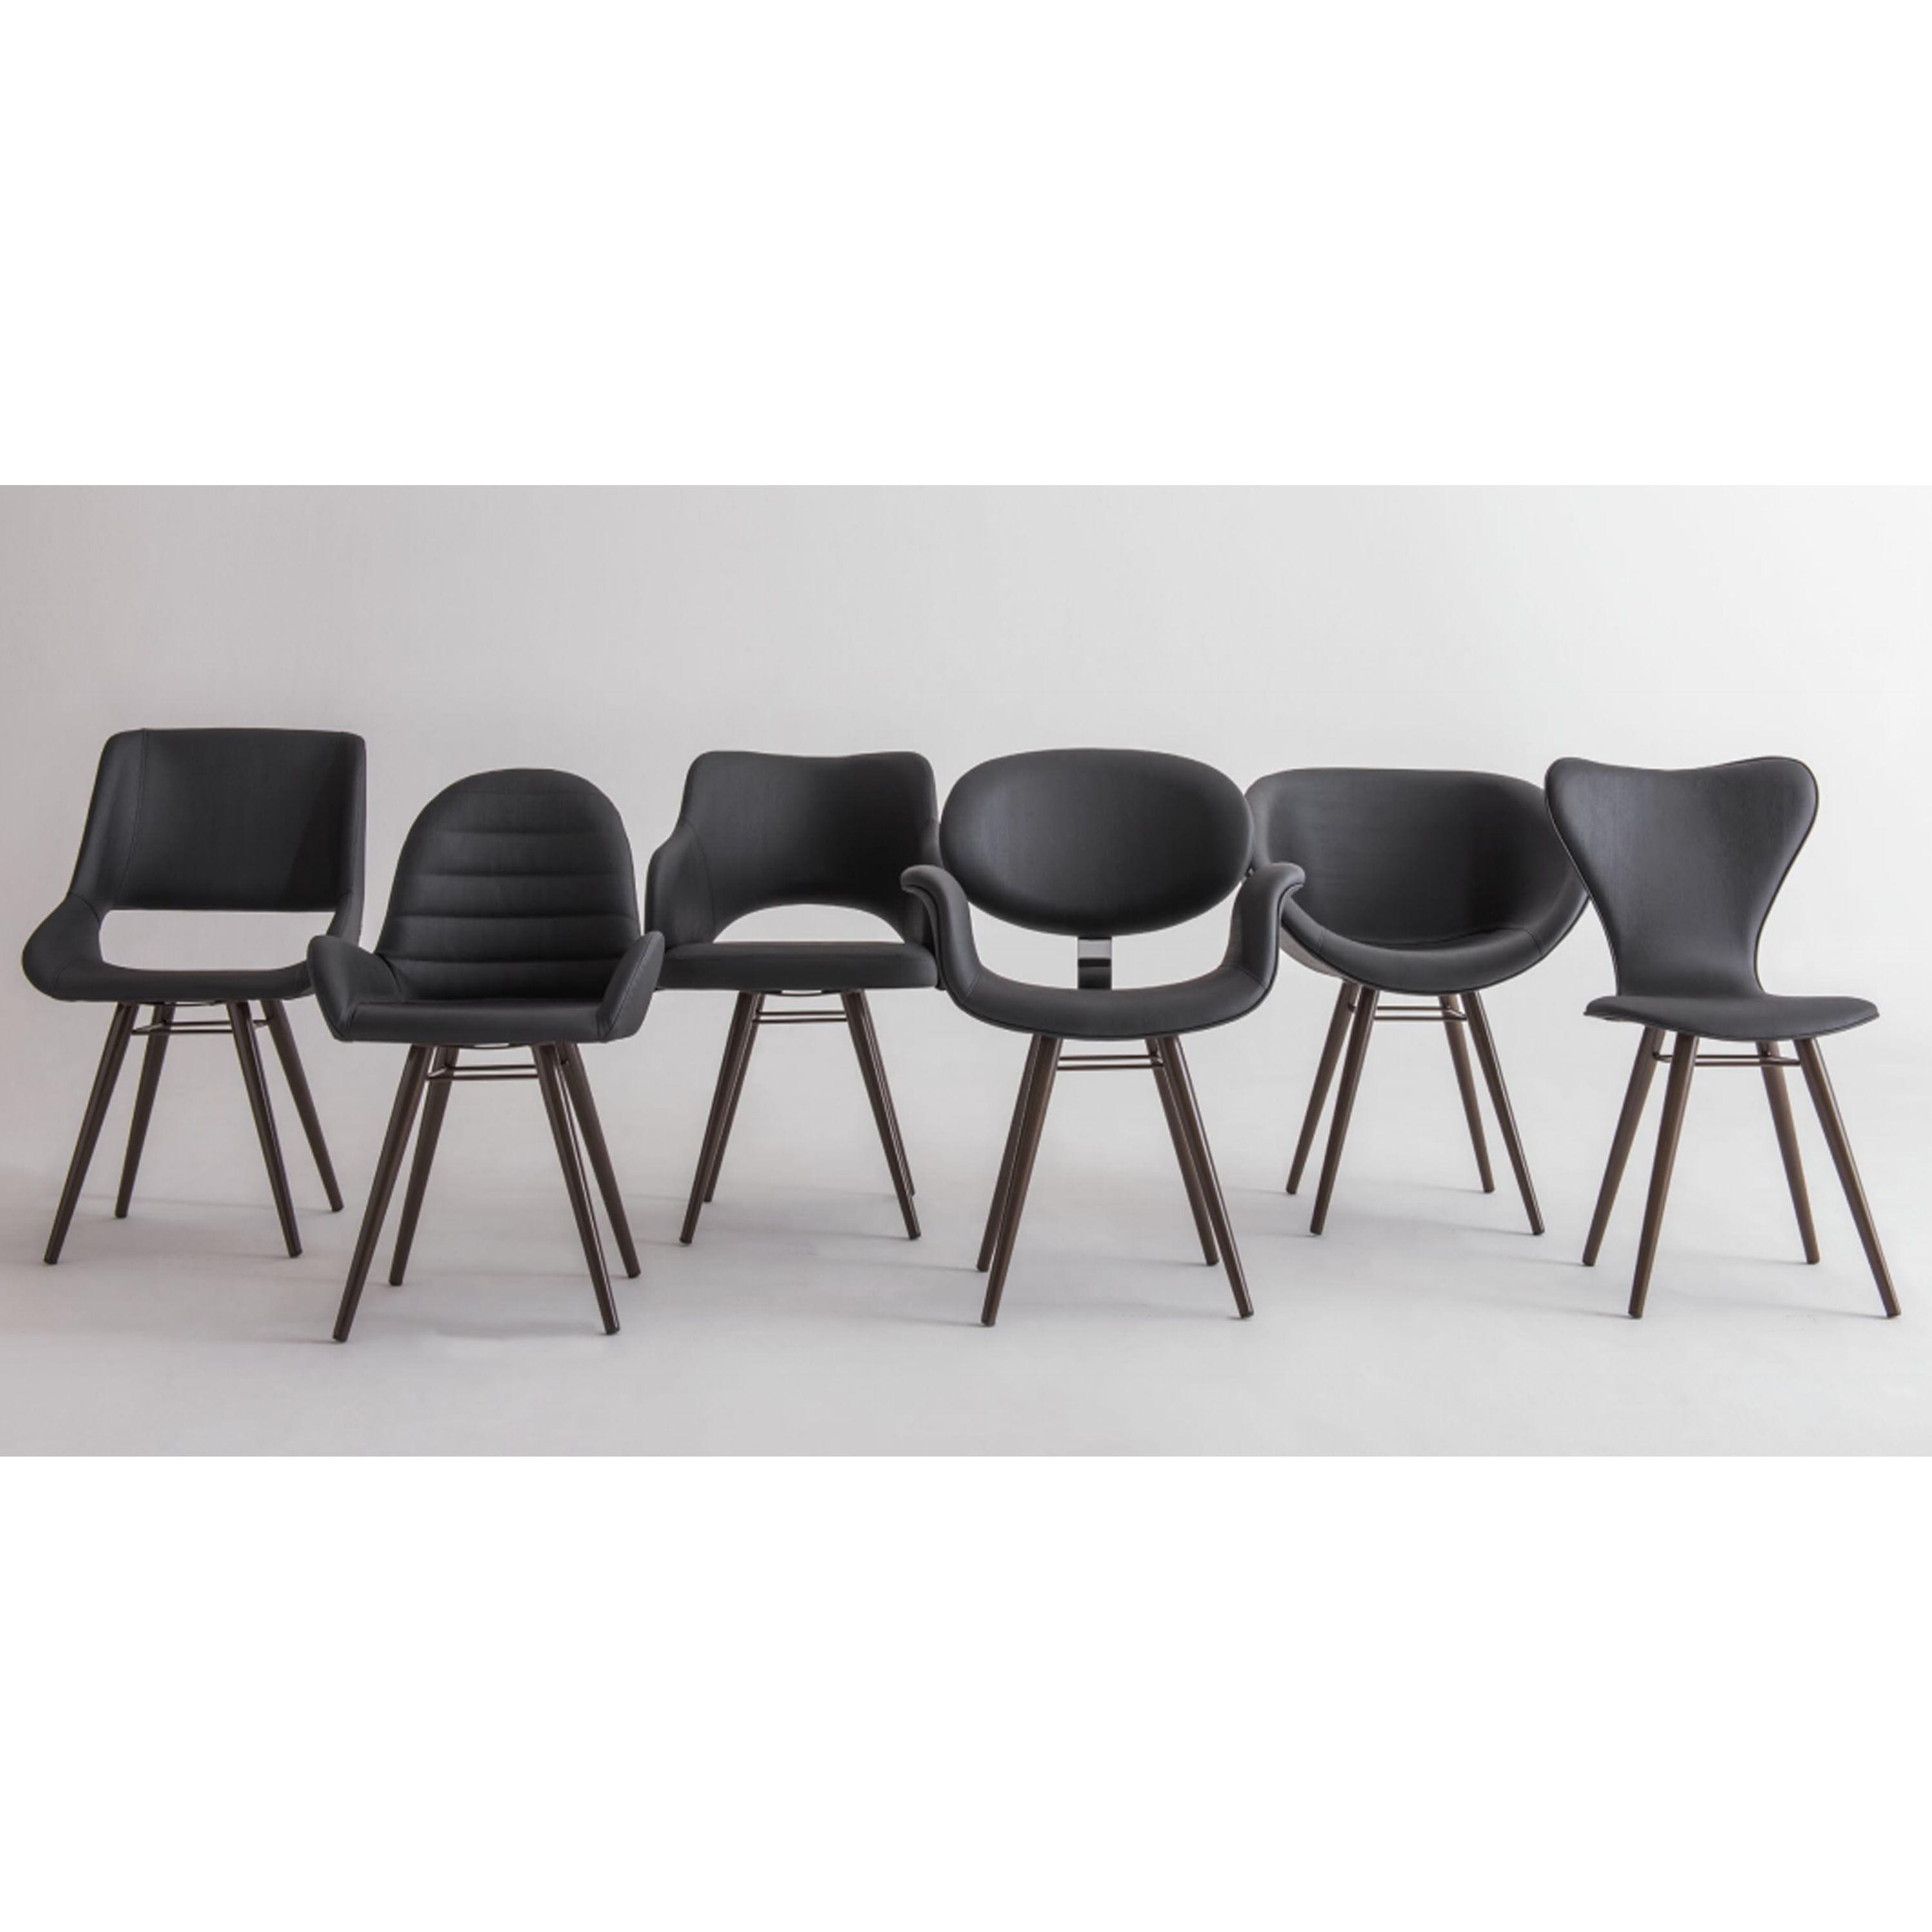 Cadeira Dife Assento Estofado Rustico Cru Base Cromada - 55880